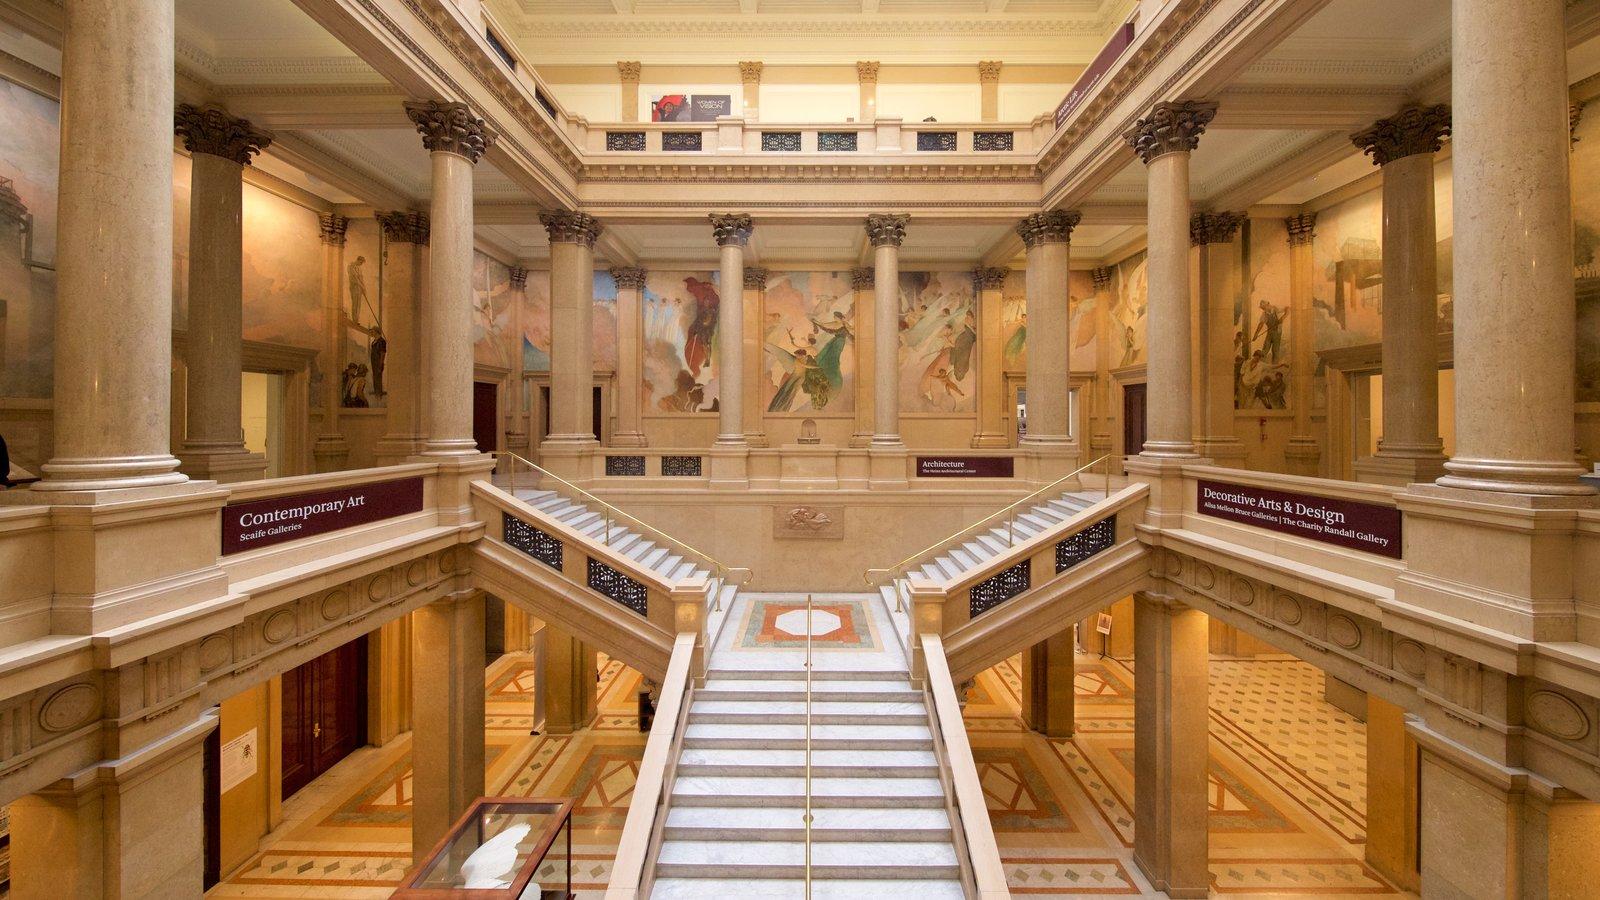 Carnegie Museum of Art mostrando vistas interiores y elementos del patrimonio